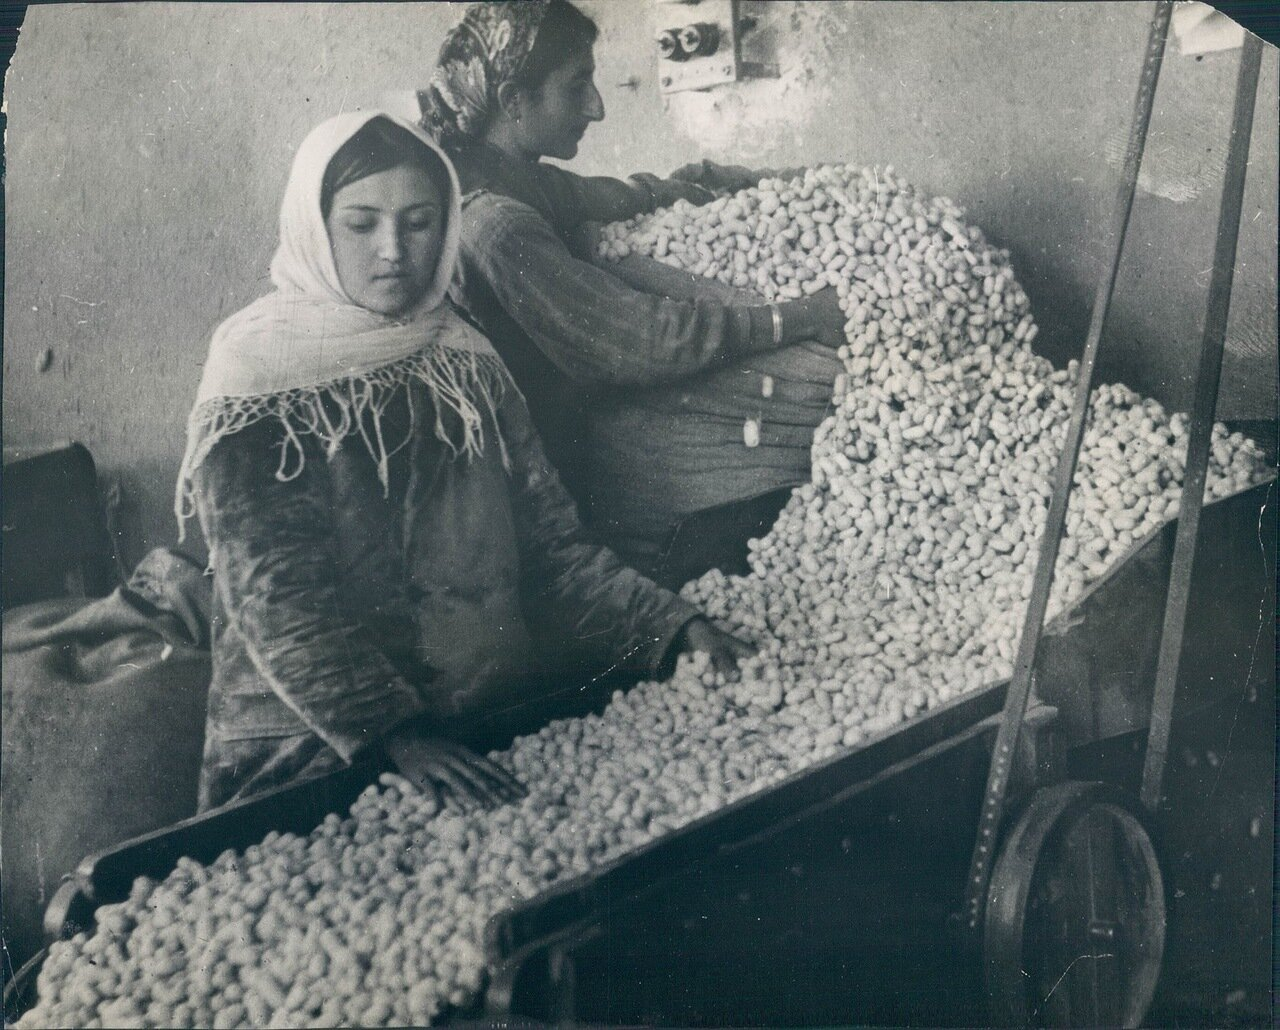 1930. Шелководство Советской России. Ткацкая Фабрика в Тифлисе